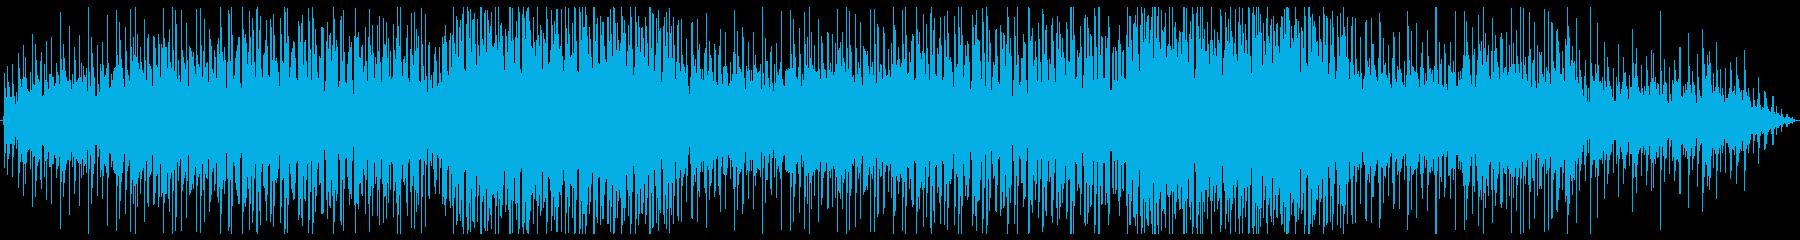 民謡 ポジティブ 明るい ほのぼの...の再生済みの波形